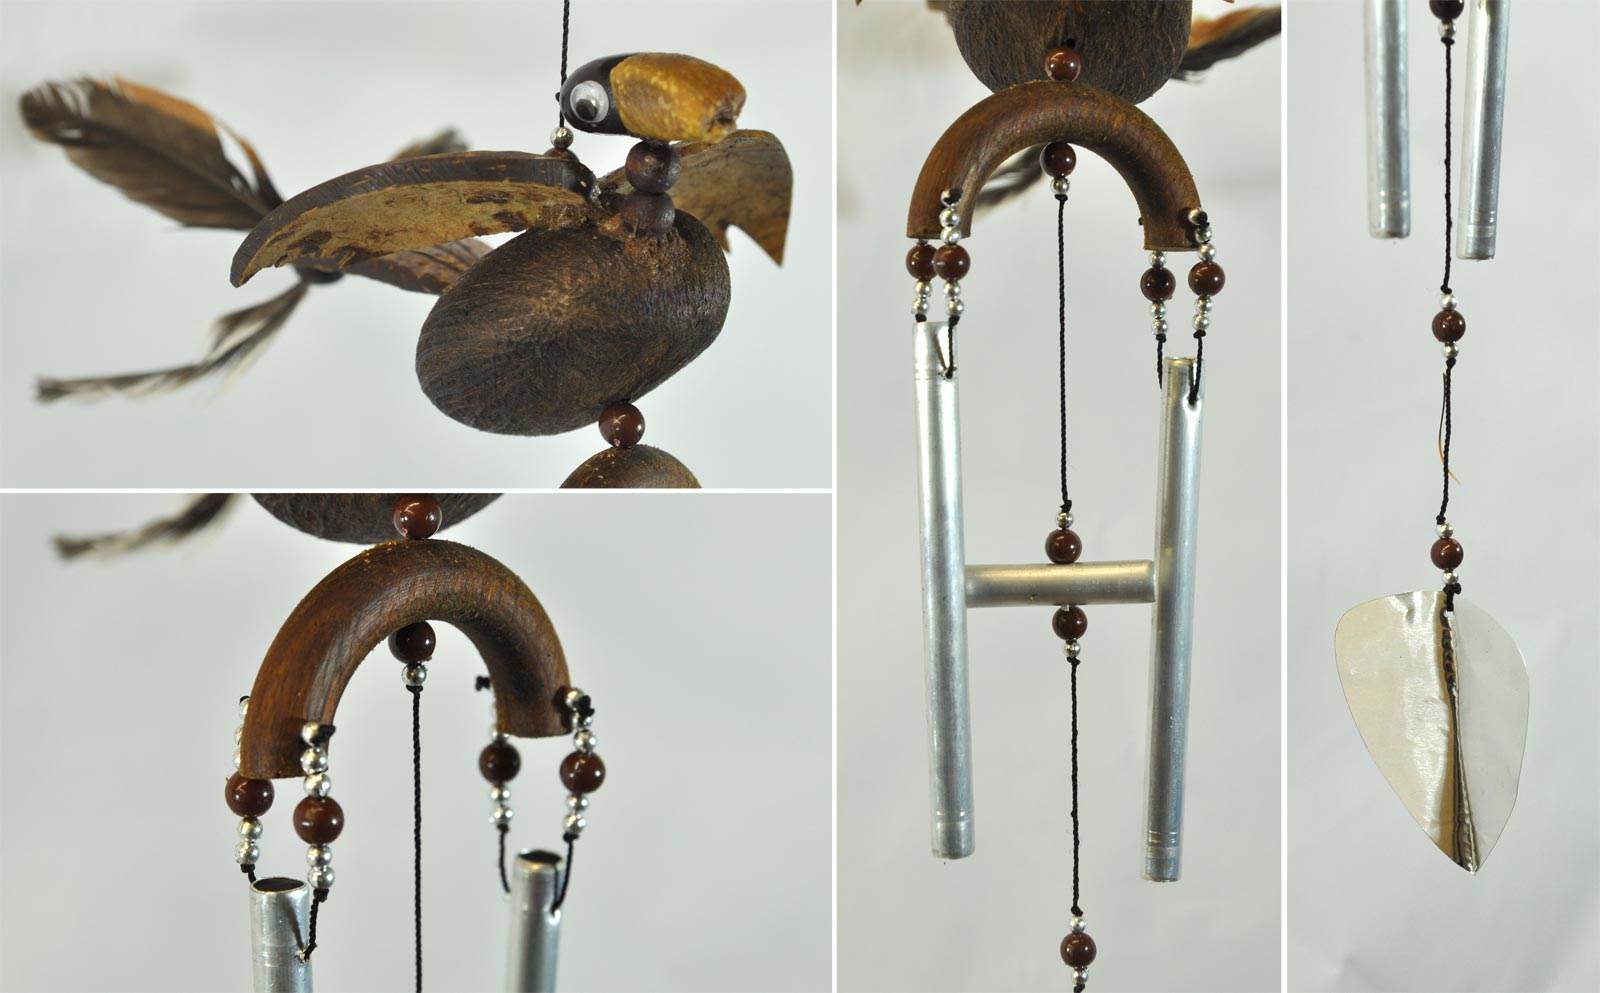 windspiel kleiner vogel. Black Bedroom Furniture Sets. Home Design Ideas